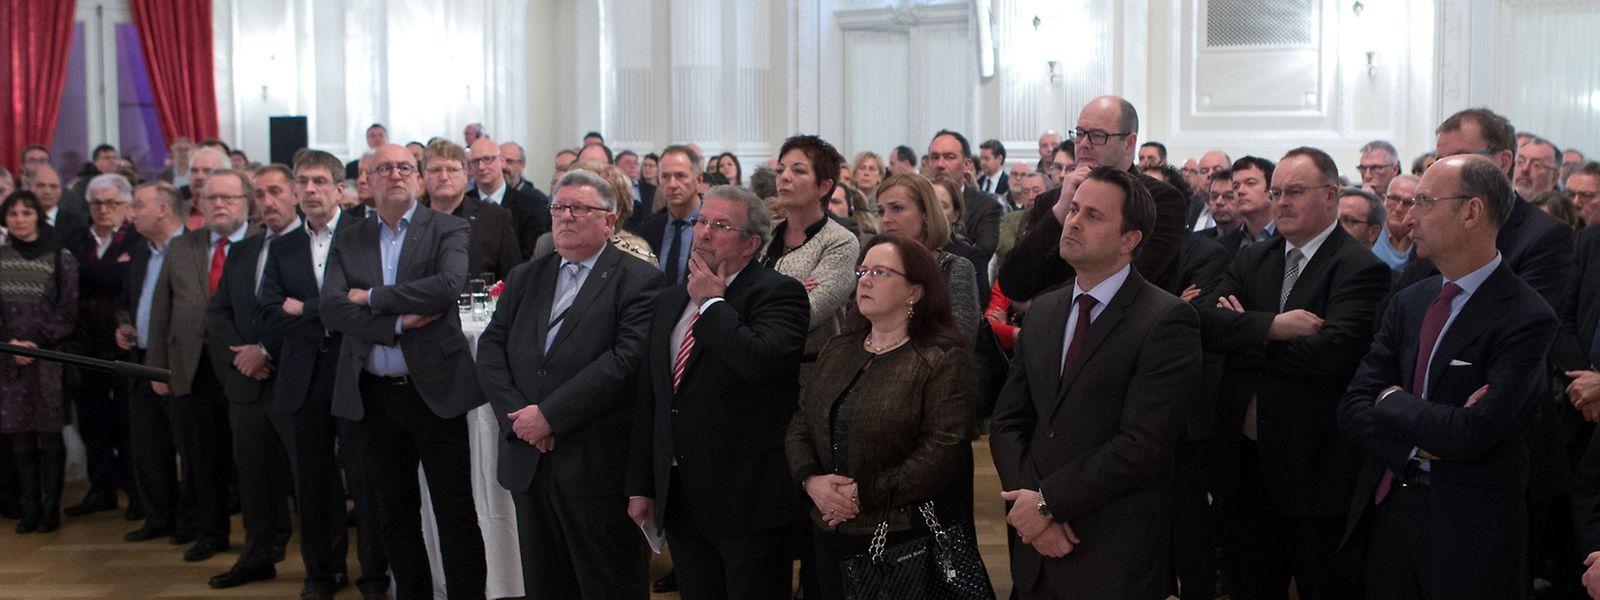 Der Neujahrsempfang der Arbeitnehmerkammer fand am Montagabend im Cercle Cité statt.